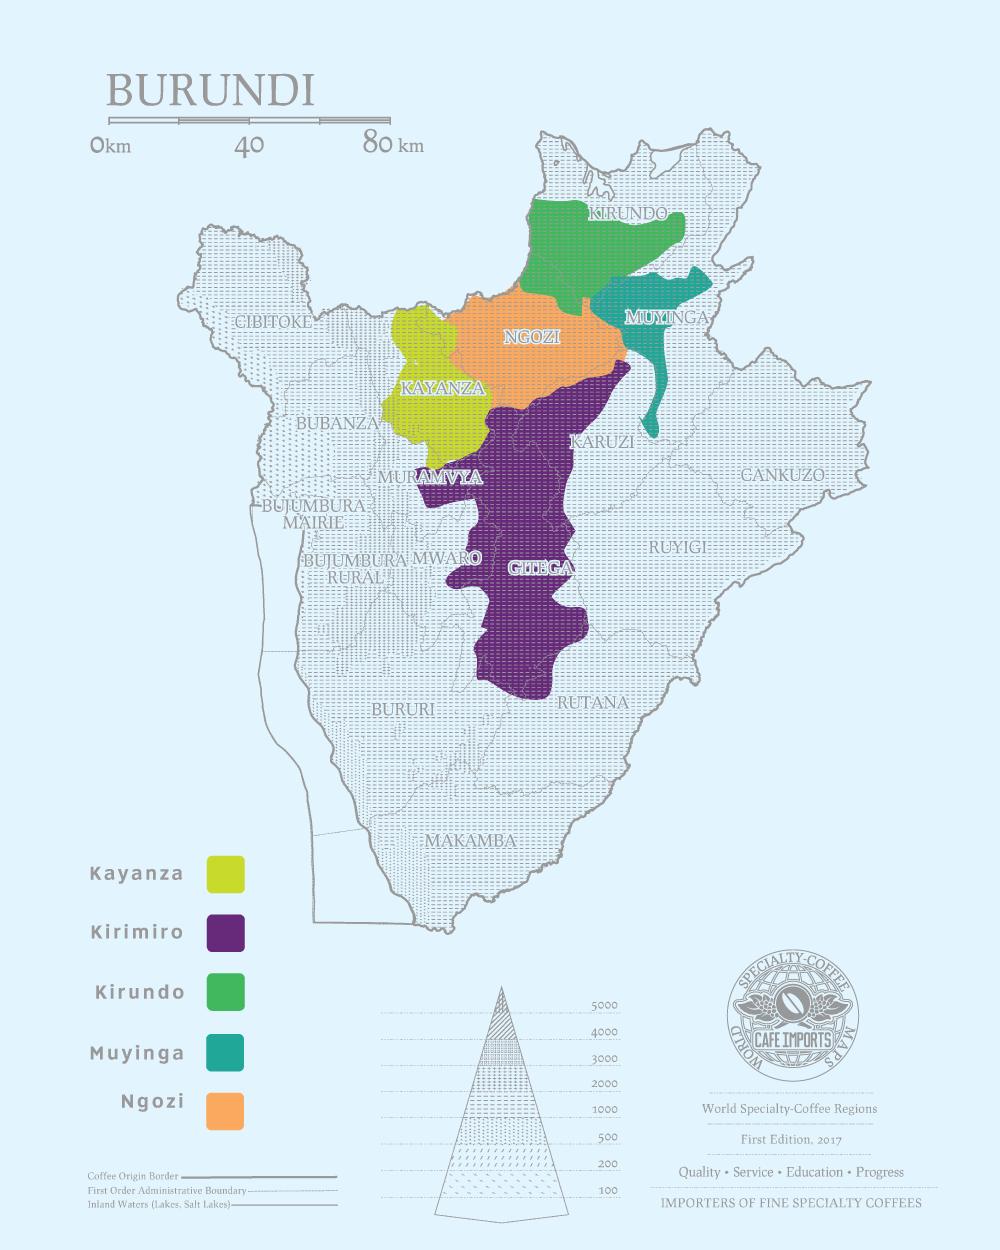 фото карты производтсва кофе в Бурунди